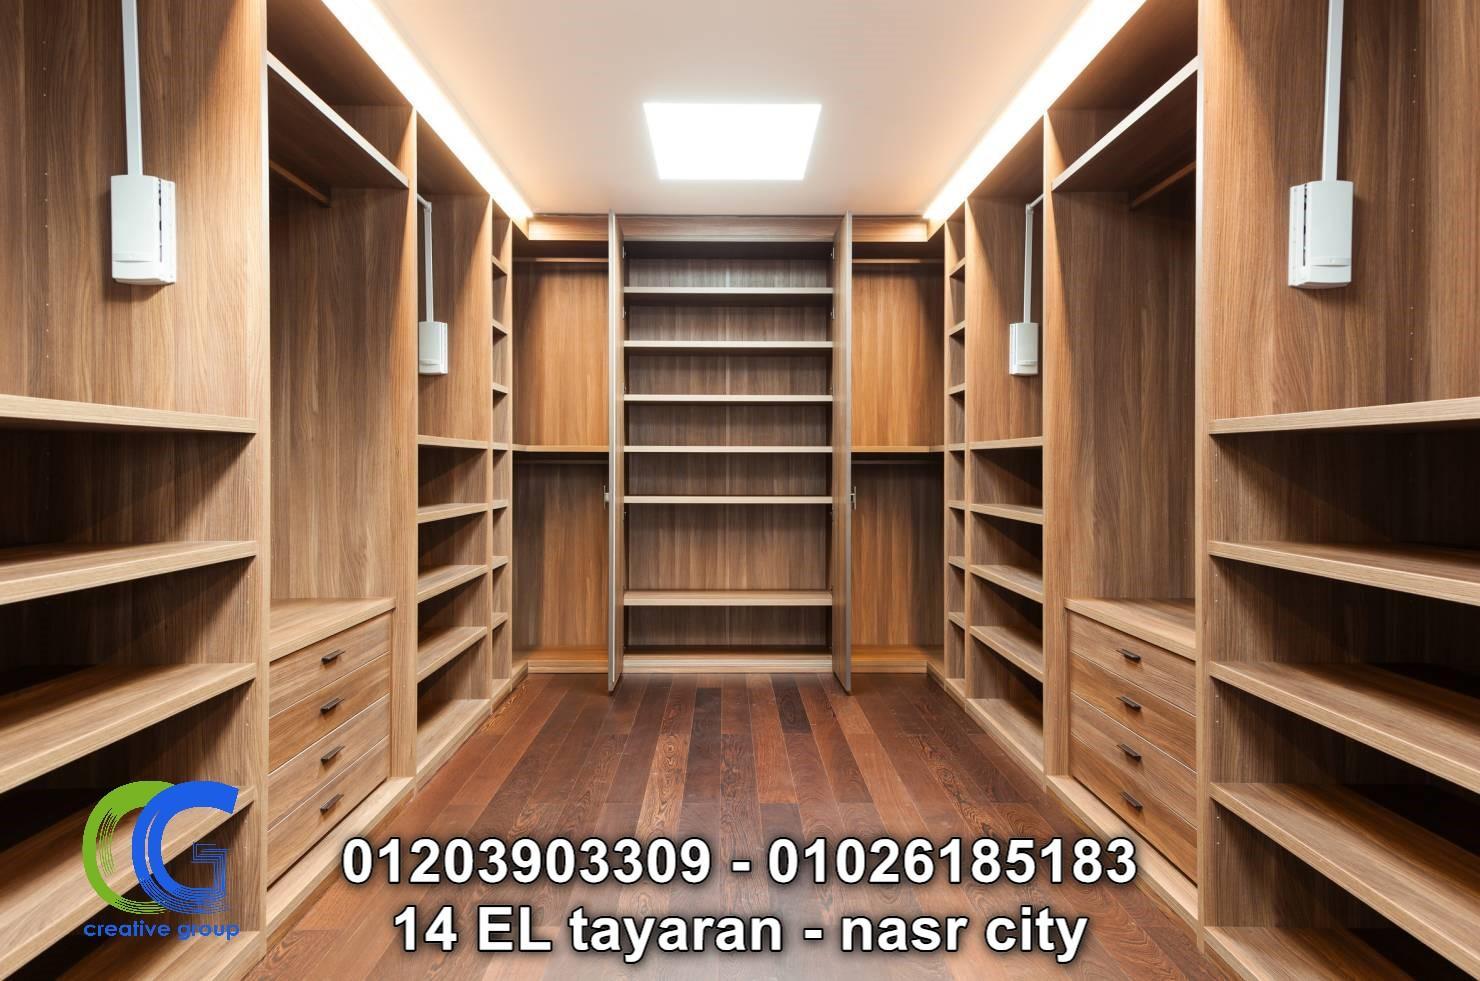 شركة دريسنج روم اكريلك – كرياتف جروب 01026185183                              356460895